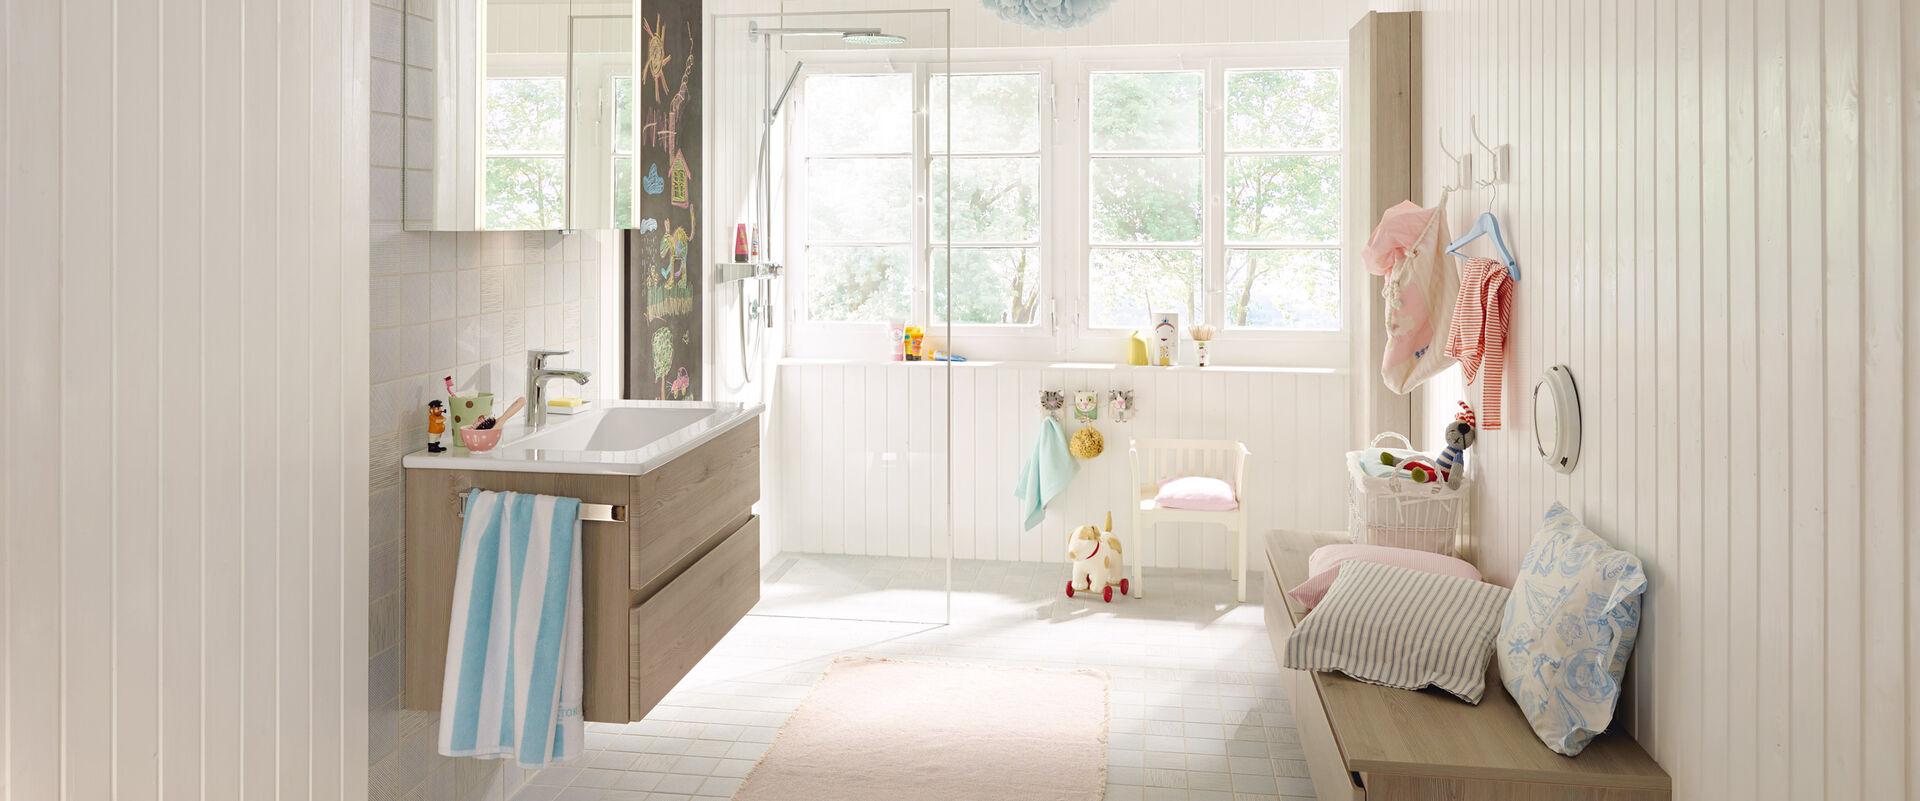 badm bel bel von burgbad au en schlicht innen vielseitig und flexibel. Black Bedroom Furniture Sets. Home Design Ideas